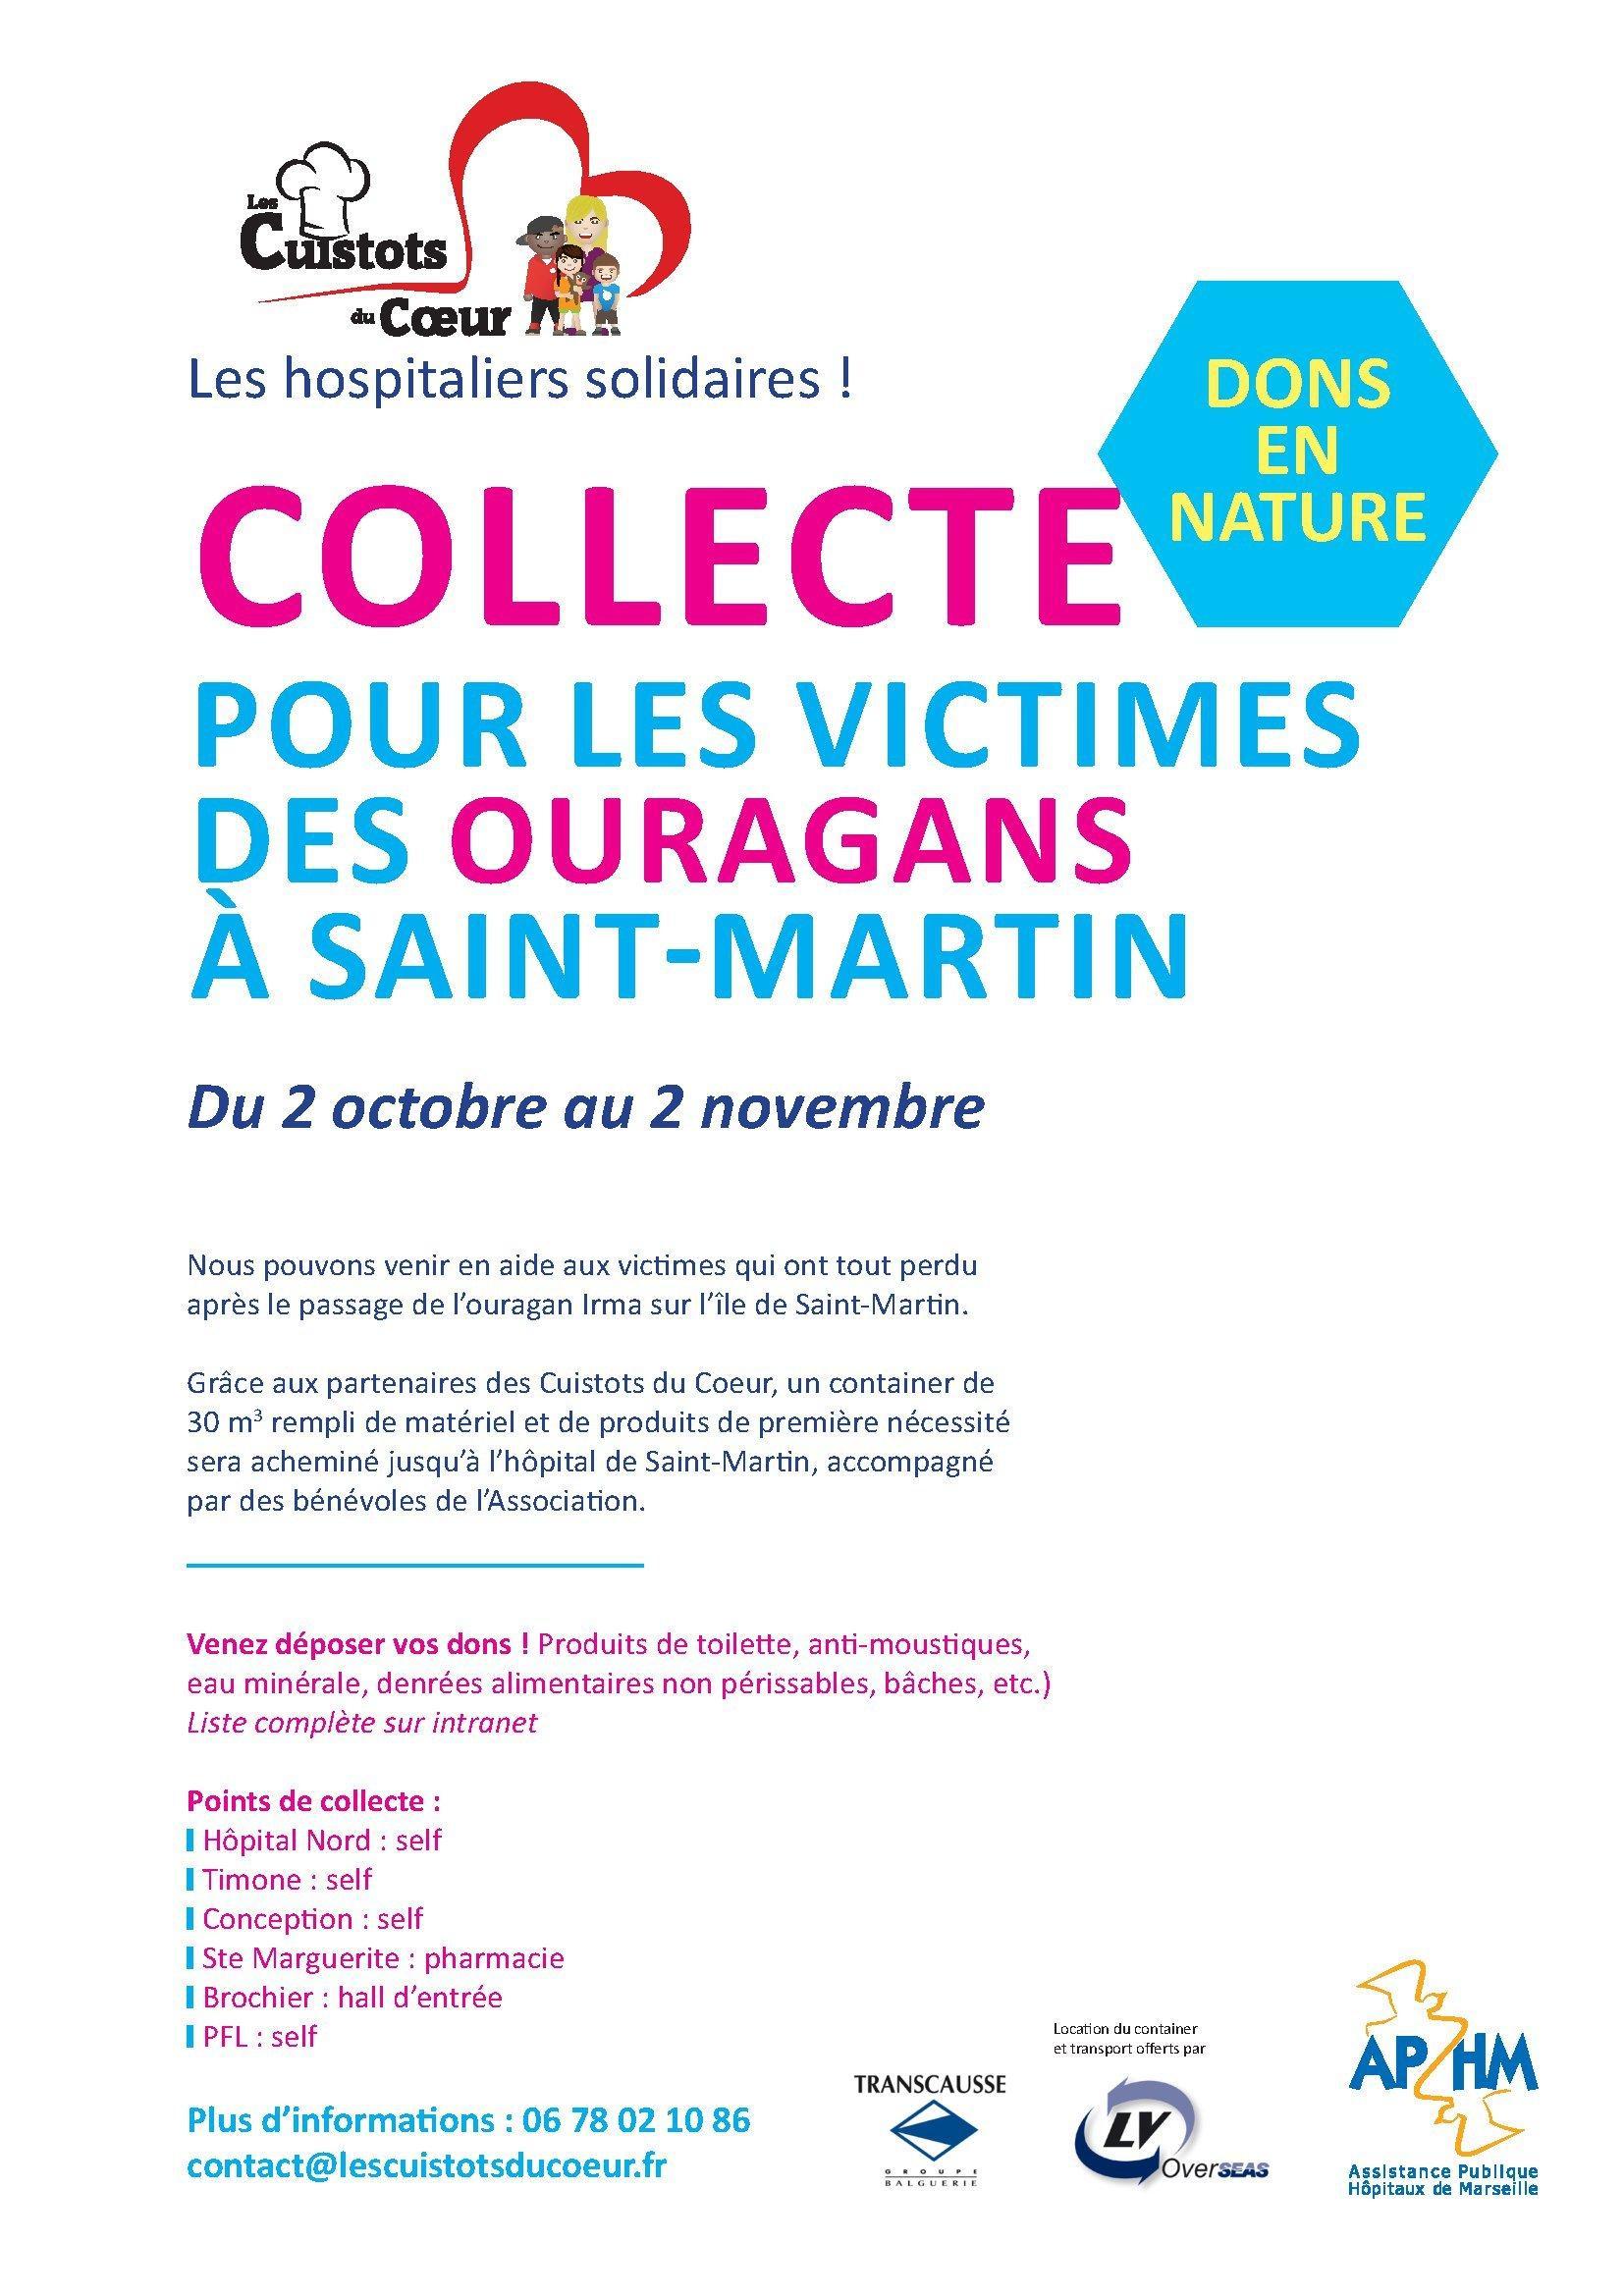 Lancement d'une action humanitaire au profit de l'hopital Saint Martin